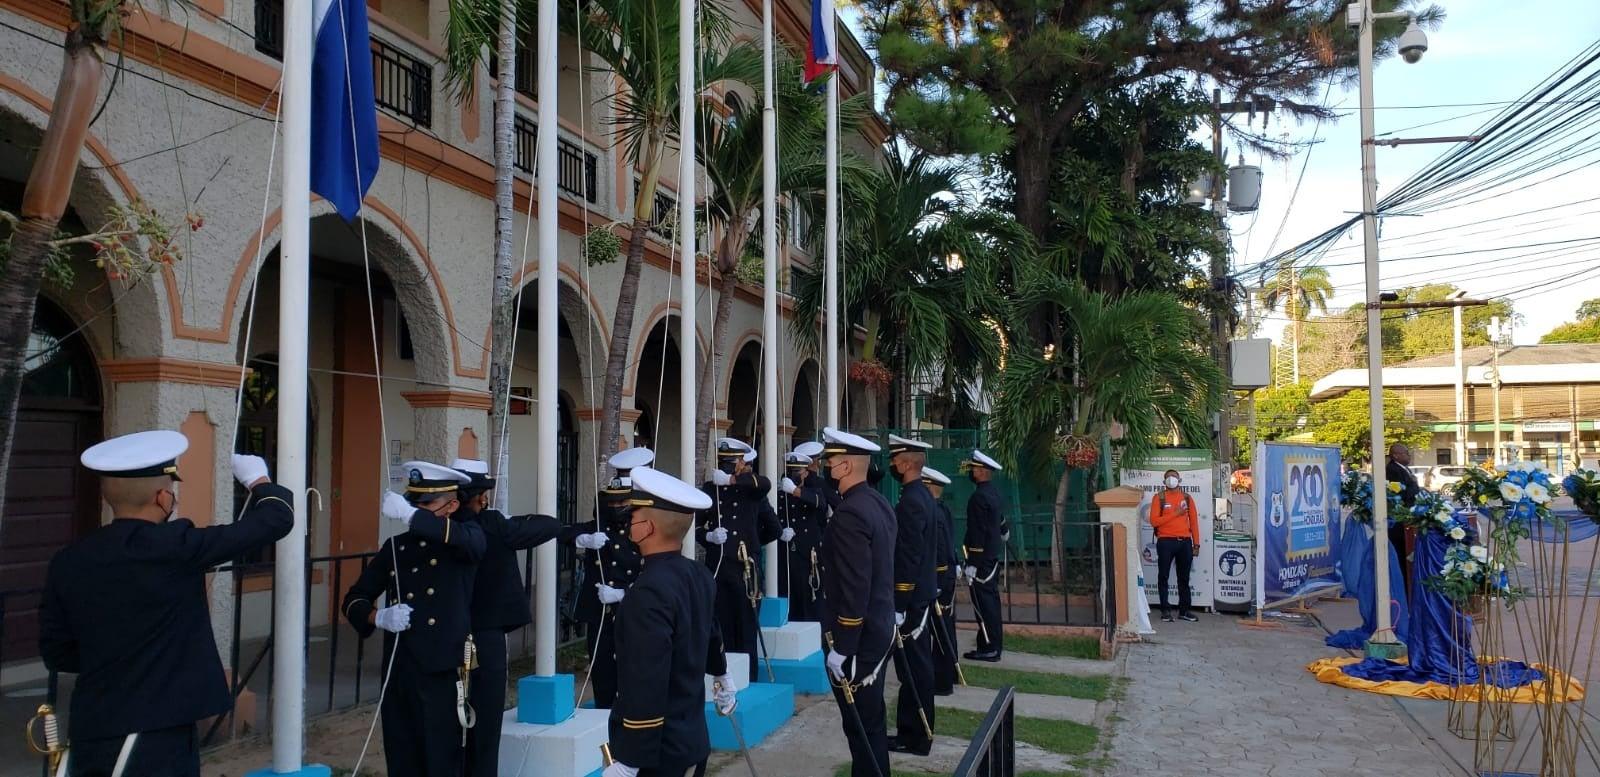 Conmemoración del Bicentenario en la Plaza Central de La Ceiba.